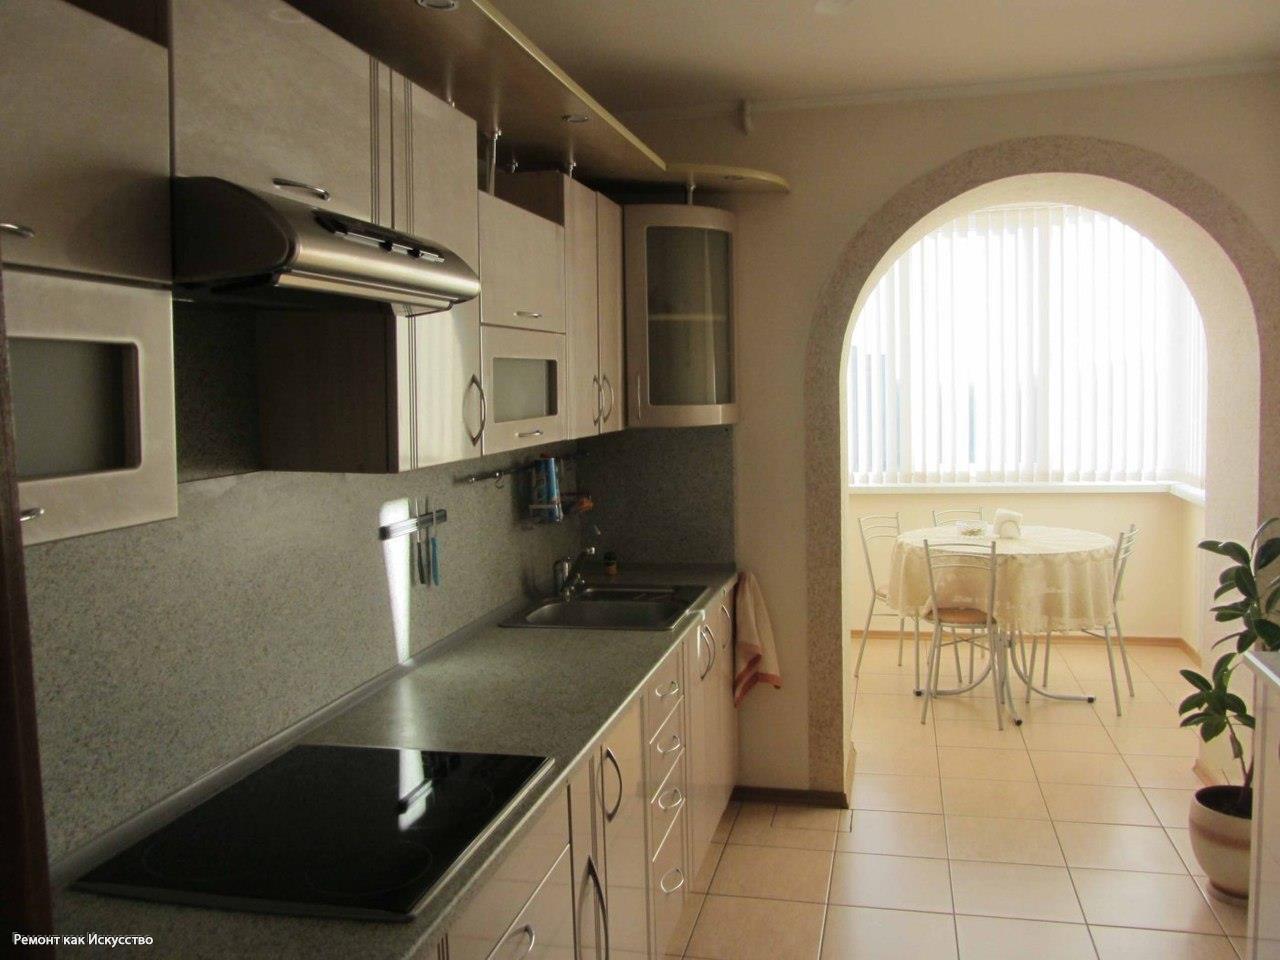 Кухня 9 кв м, особенности планировки, рекомендации, фото.